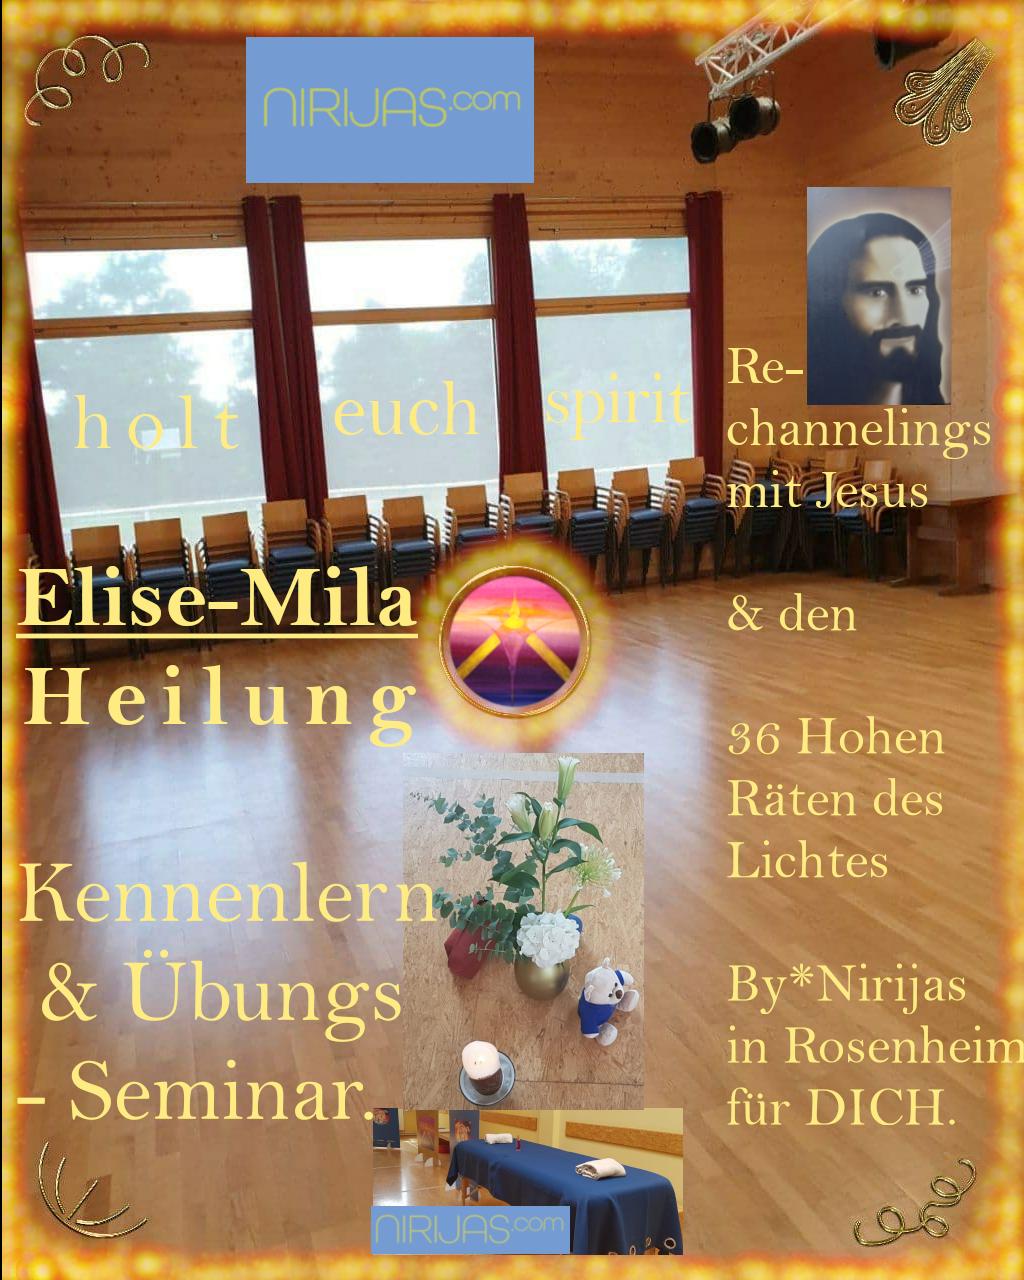 Rosenheim-Seminare By*Nirijas